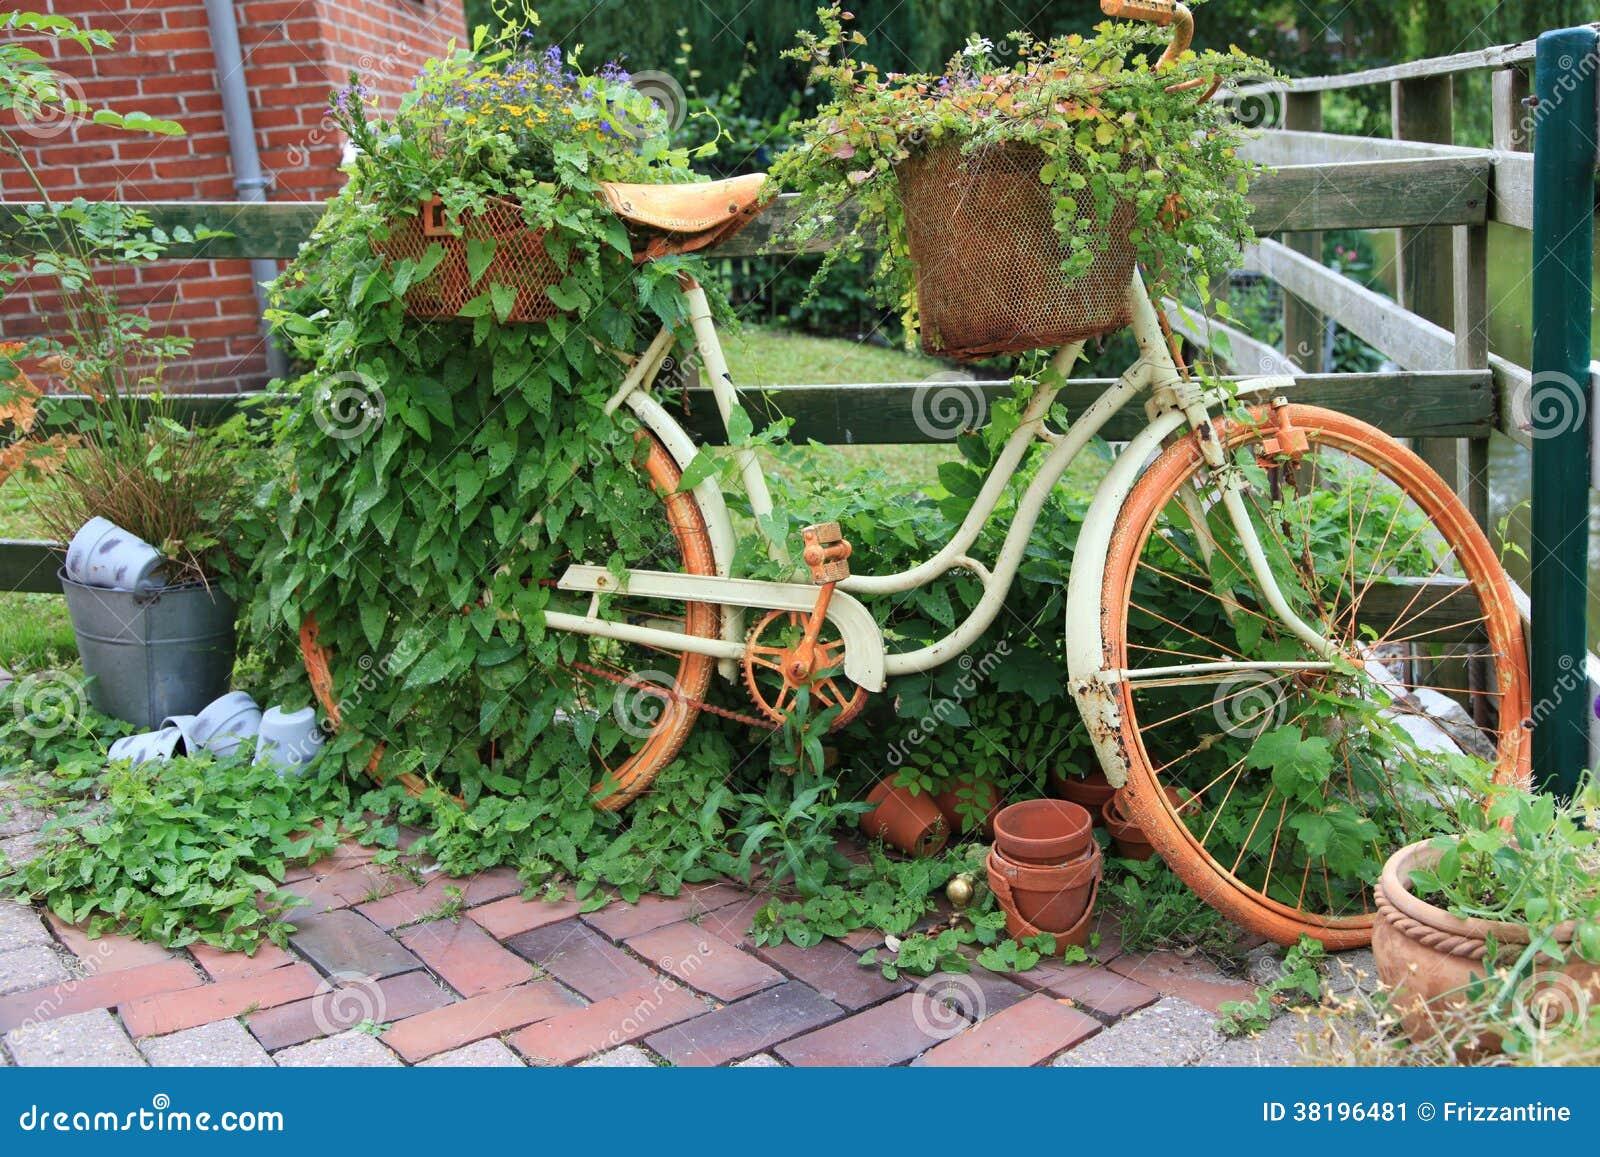 tuindecoratie met een oude fiets stock afbeelding afbeelding bestaande uit close groen 38196481. Black Bedroom Furniture Sets. Home Design Ideas